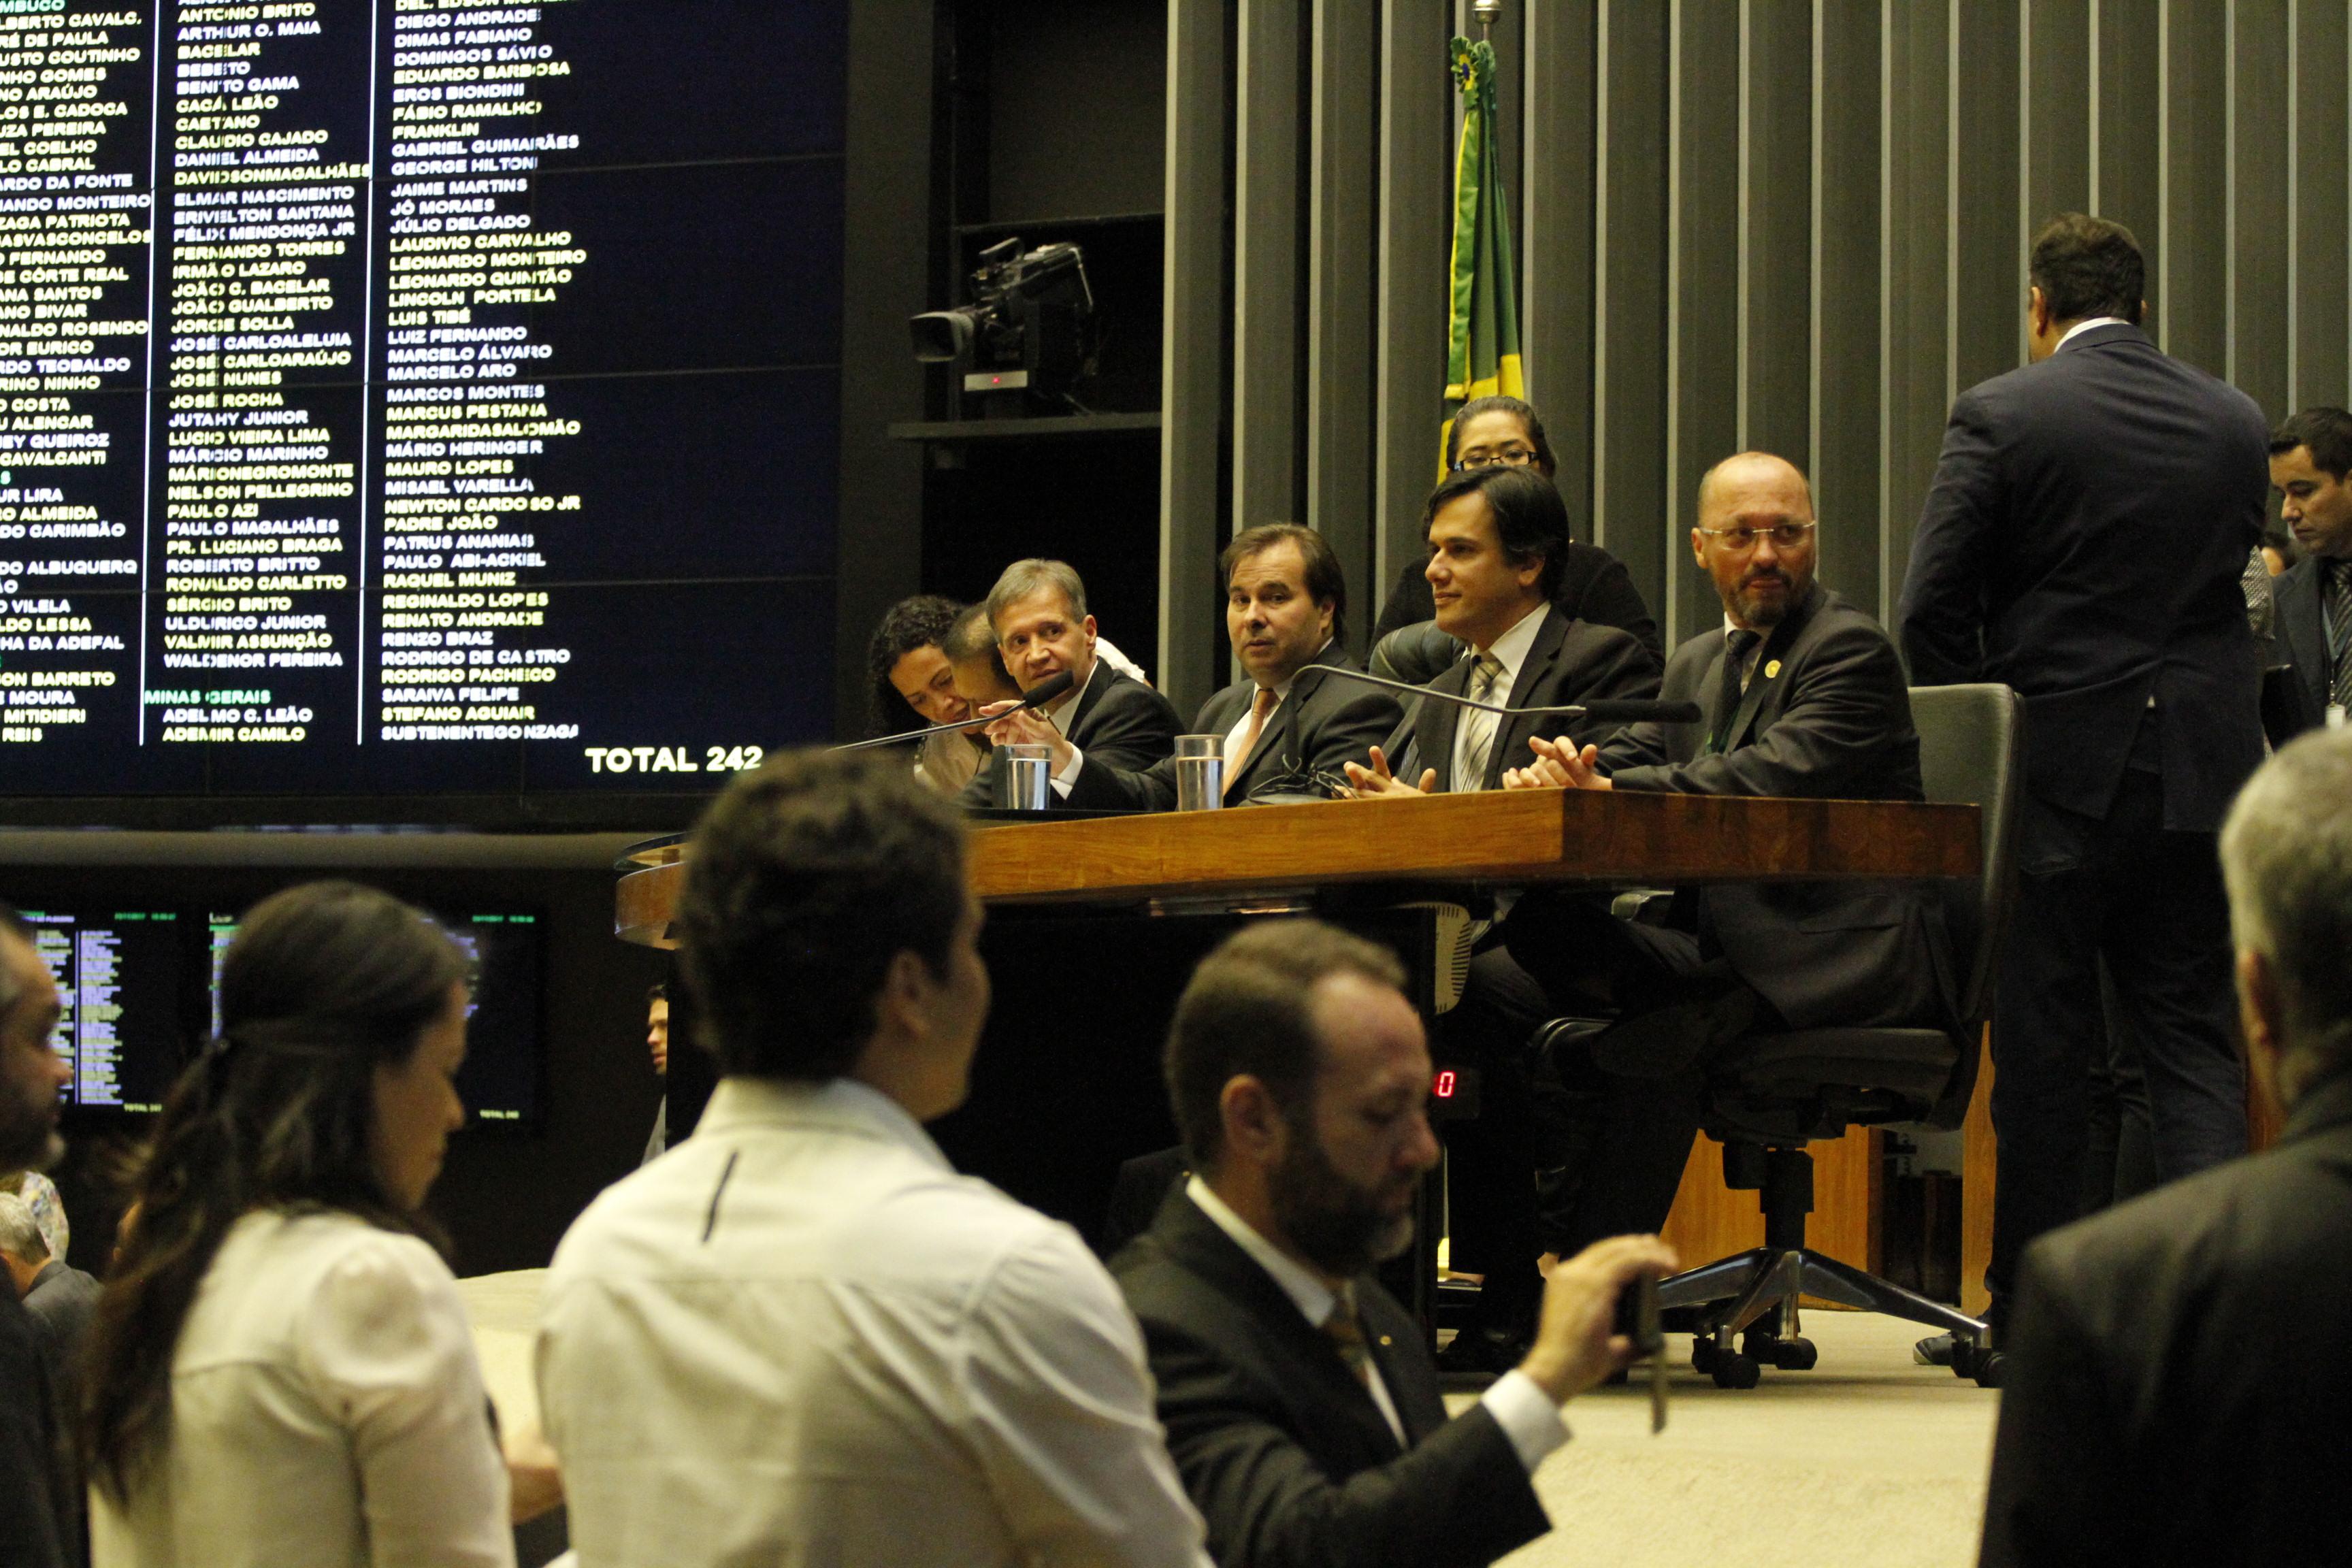 Câmara dos Deputados homenageia o Dia do Policial Federal